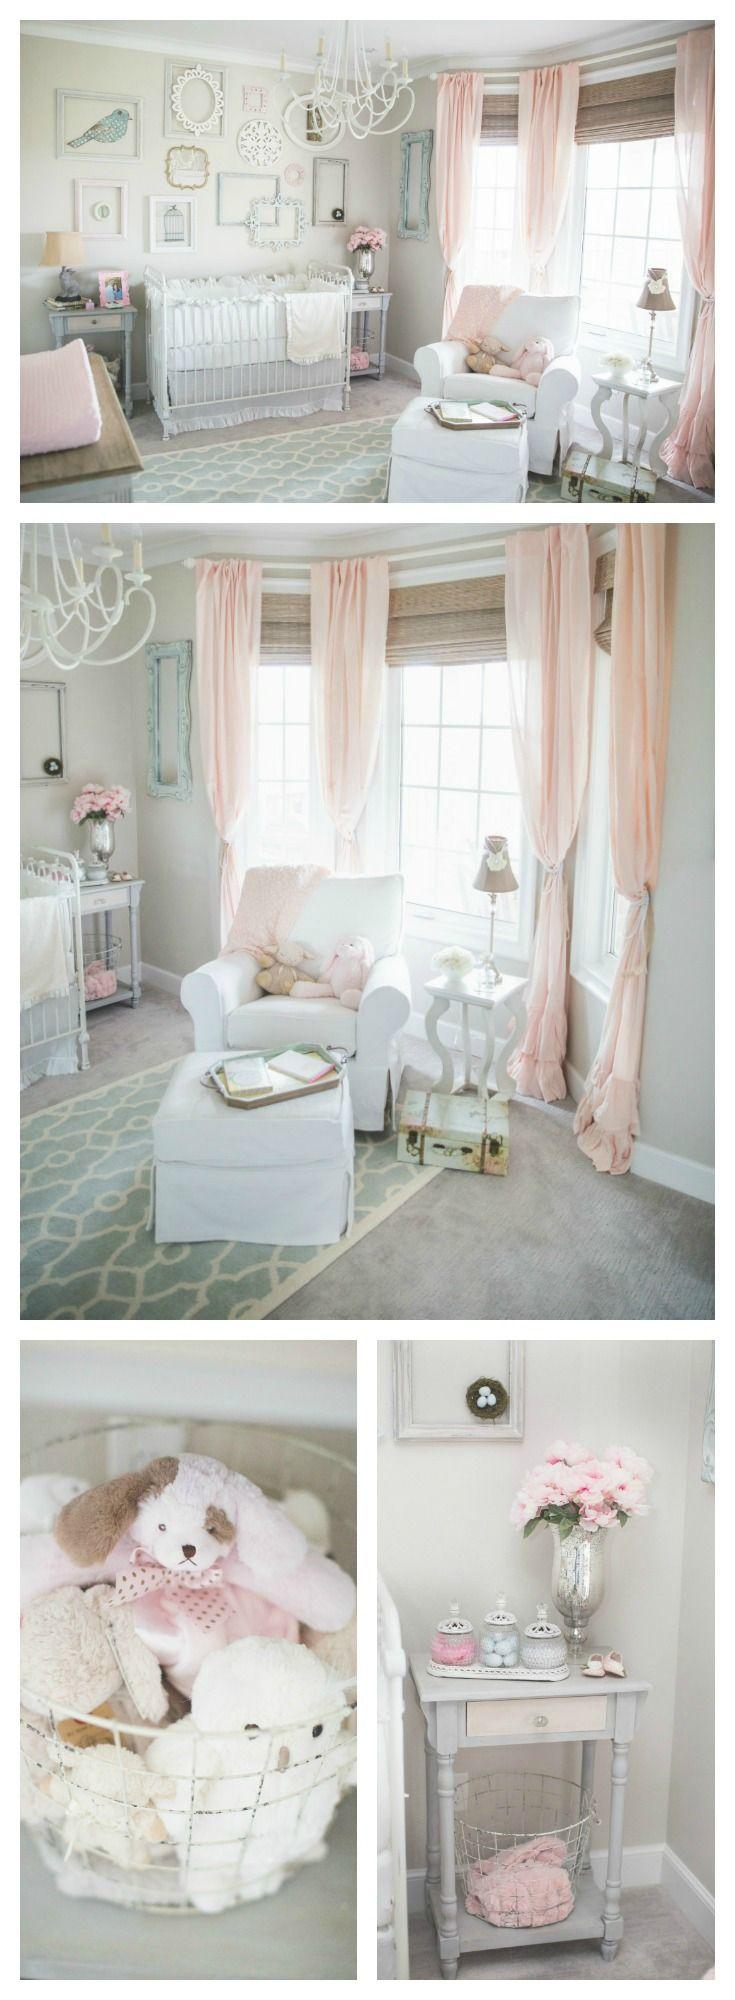 Decoracion de habitacion moderna para bebe decoracion de for Adornos para pieza de bebe